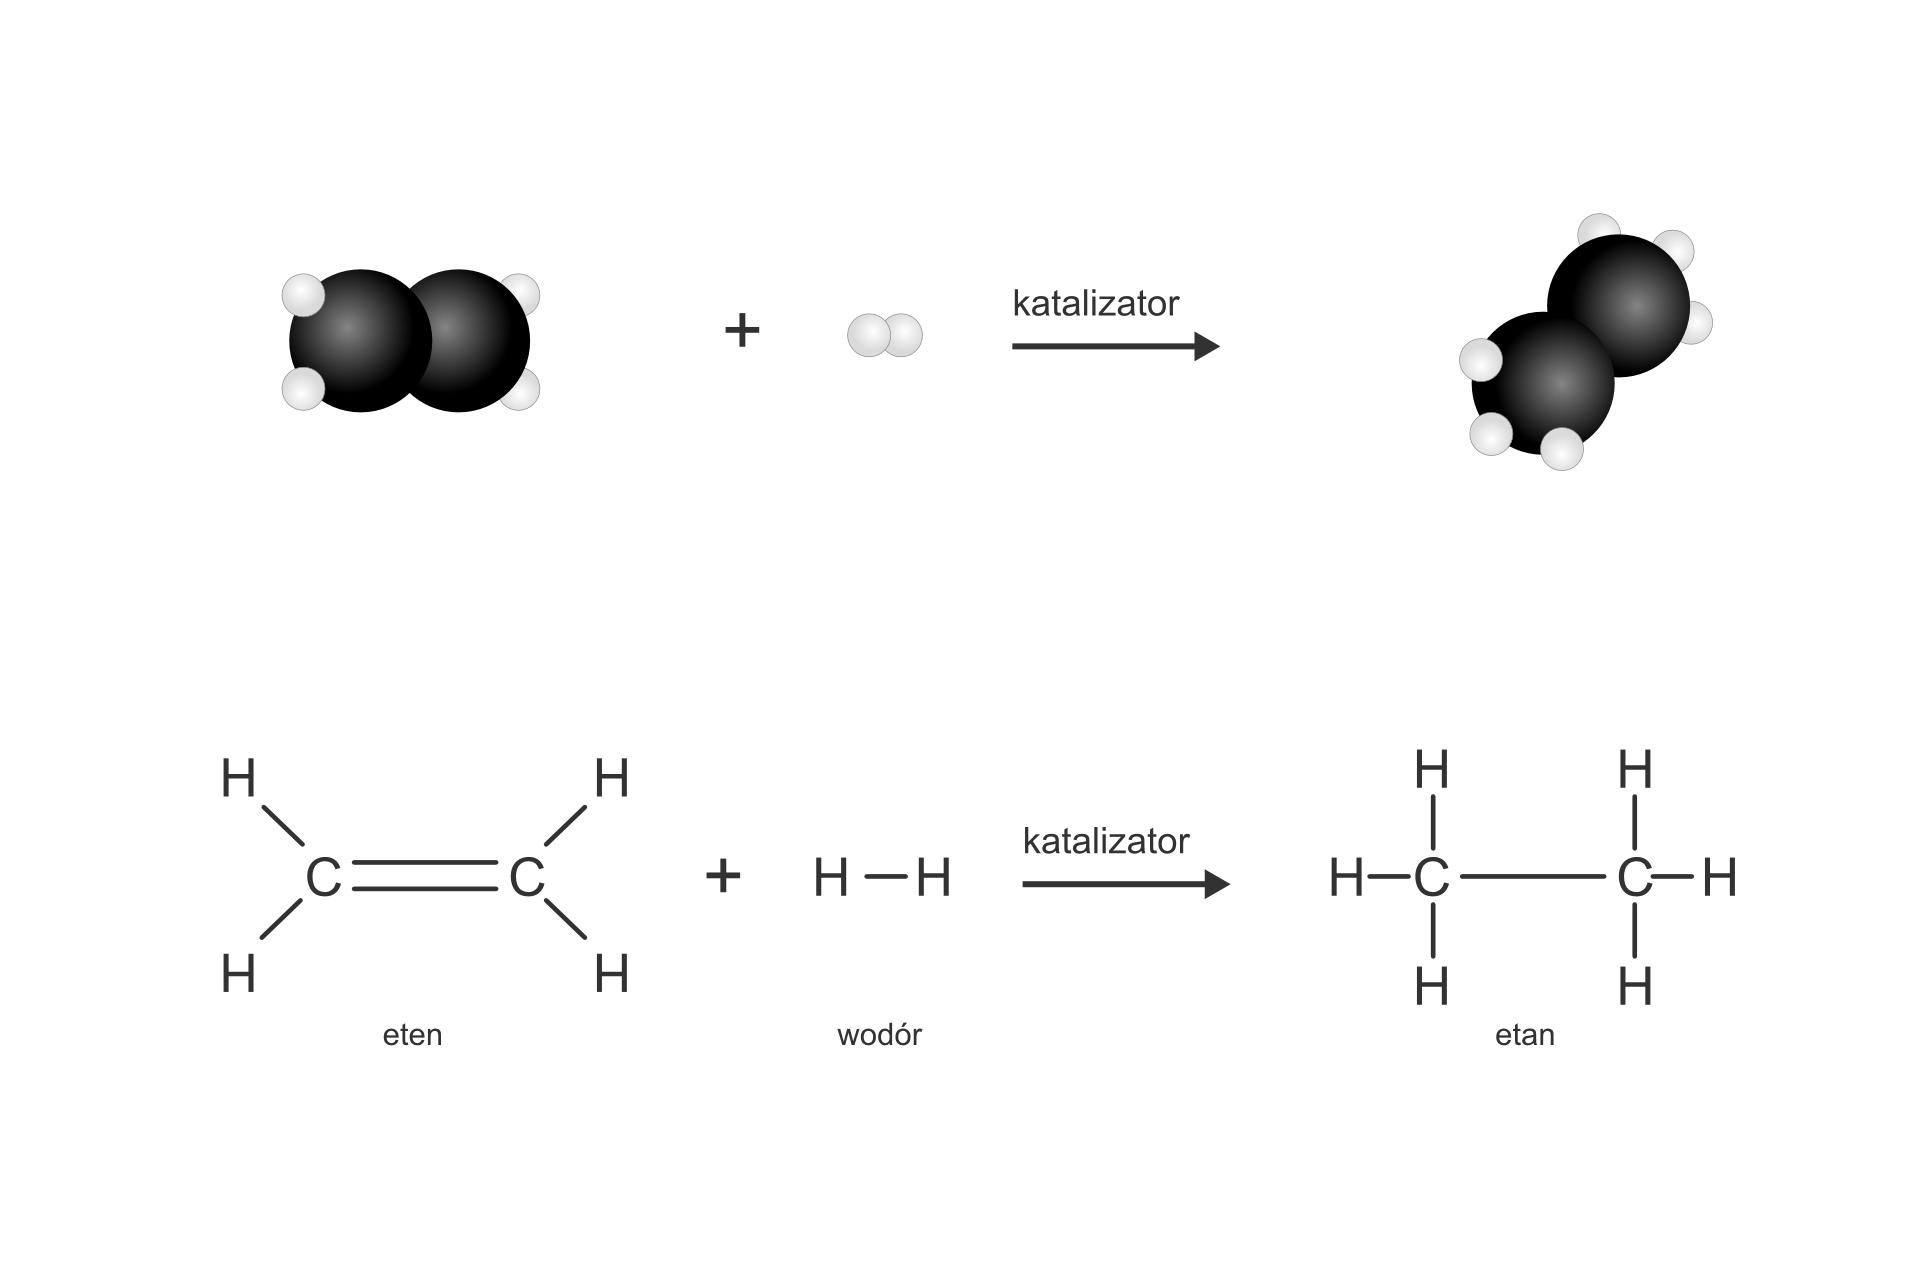 Na rysunku przedstawiono wzory sumaryczne ipółstrukturalne reakcji etenu zwodorem wwyniku czego otrzymujemy etan.